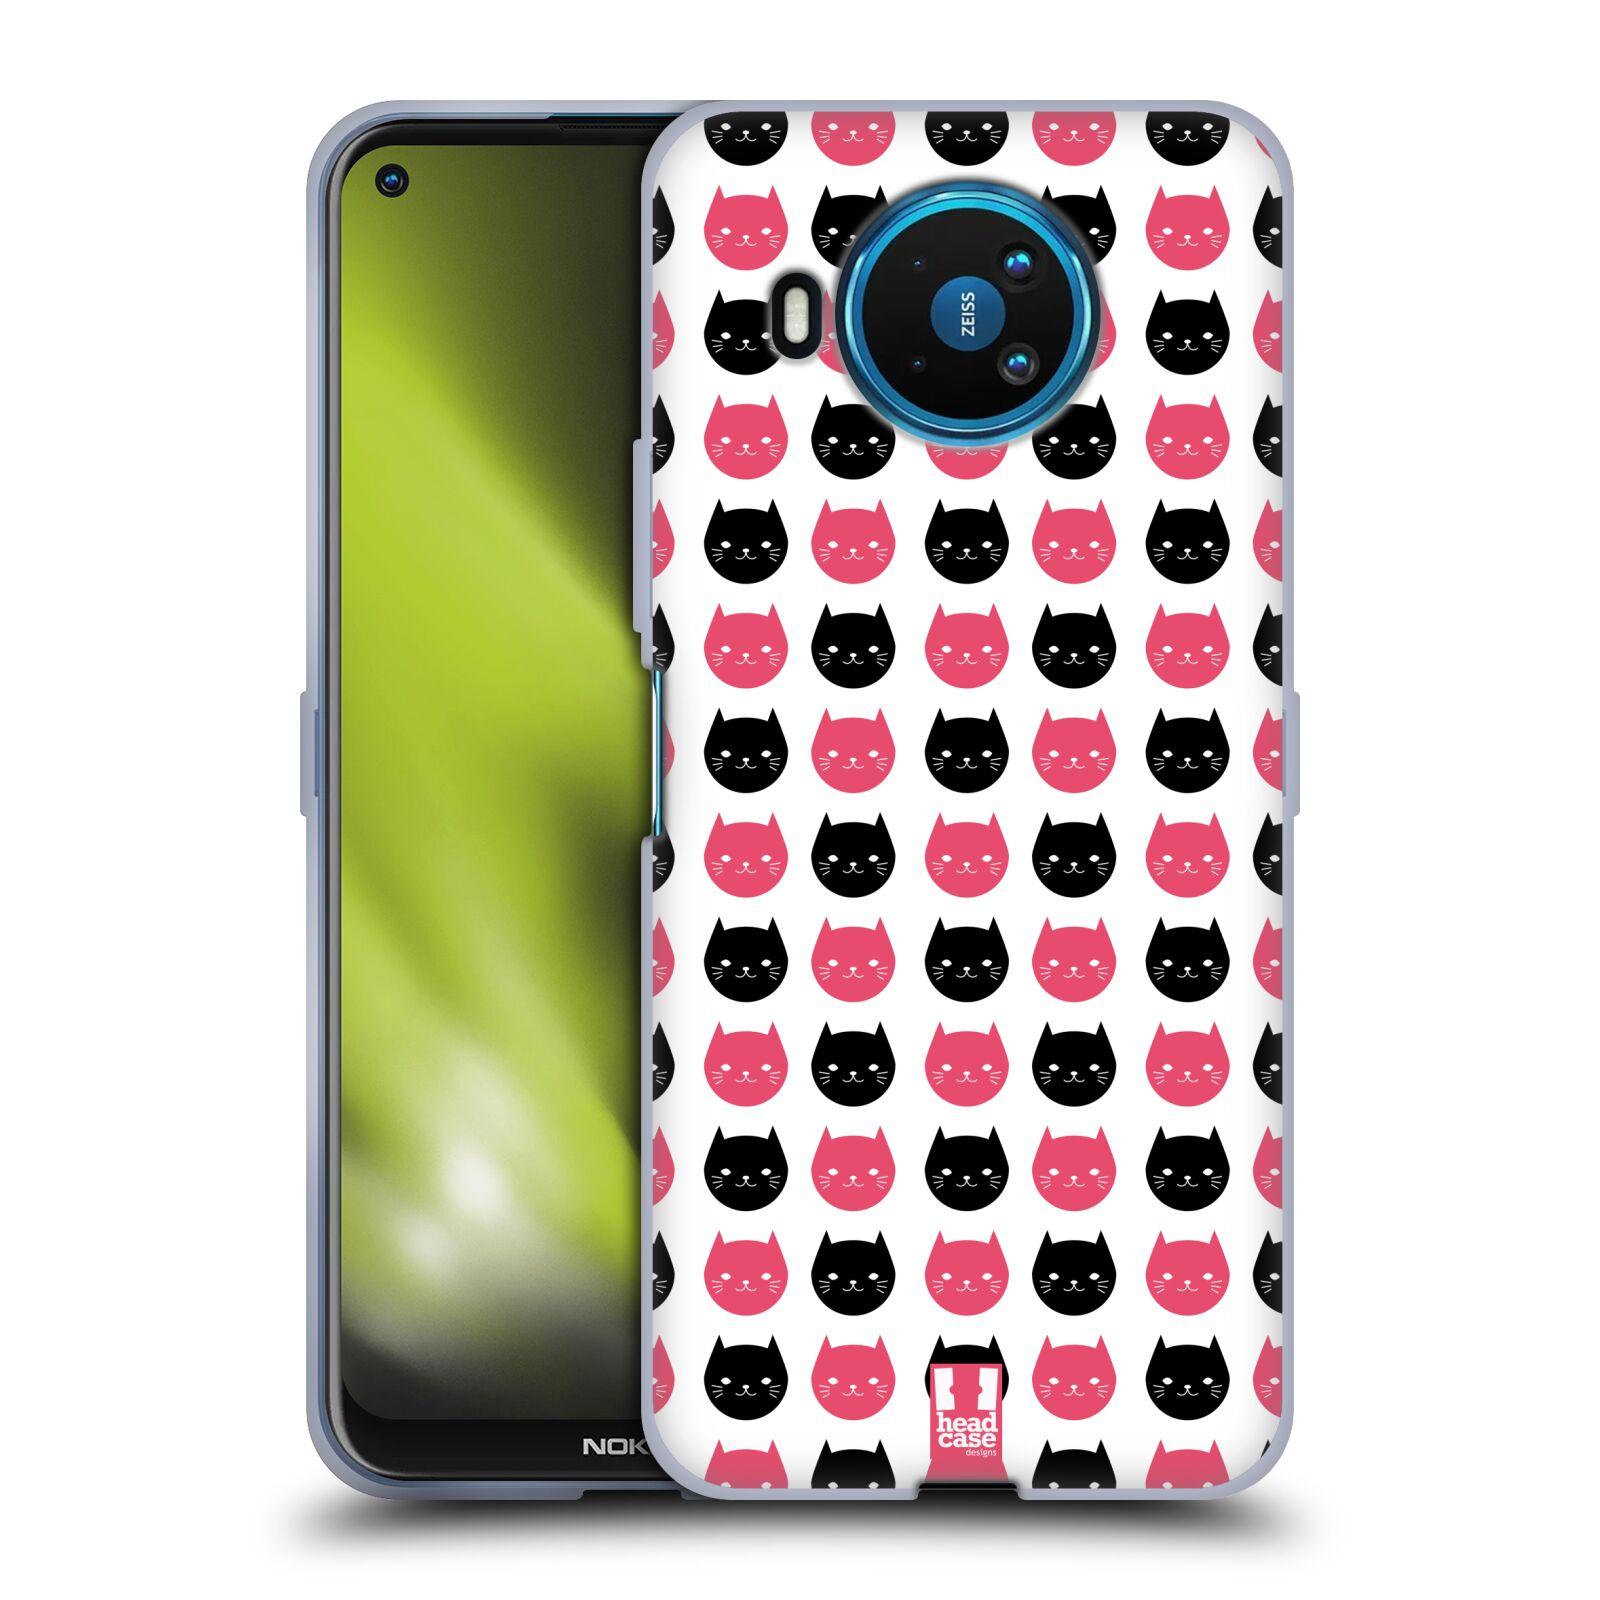 Silikonové pouzdro na mobil Nokia 8.3 5G - Head Case - KOČKY Black and Pink